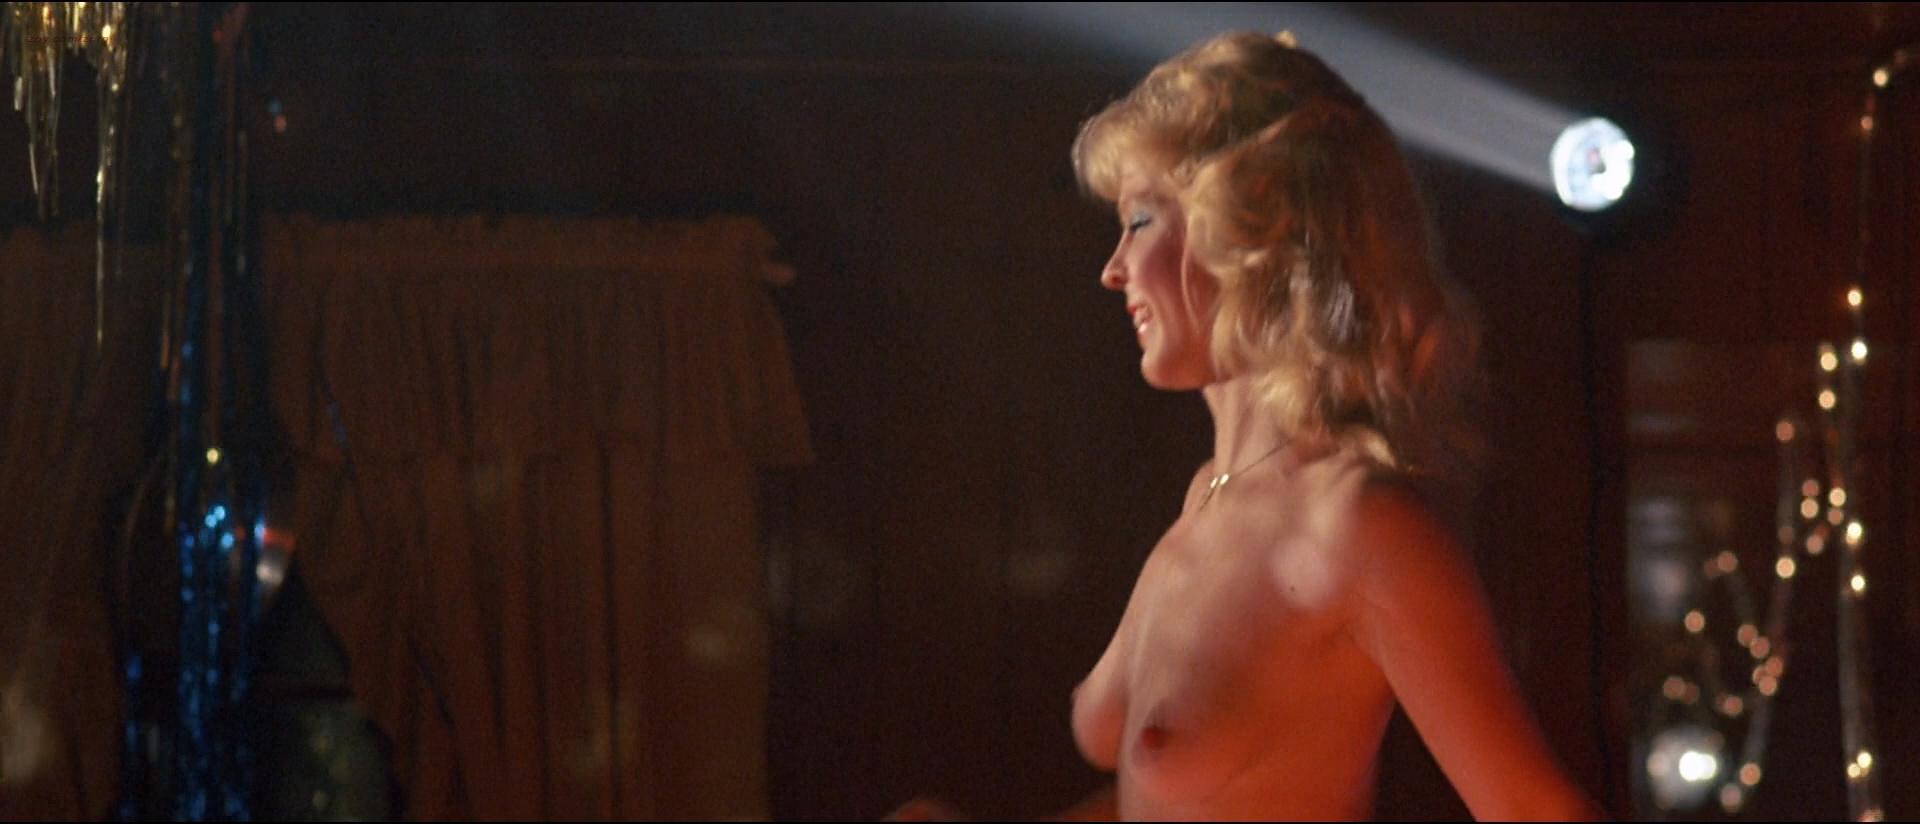 mary stuart masterson nude photos